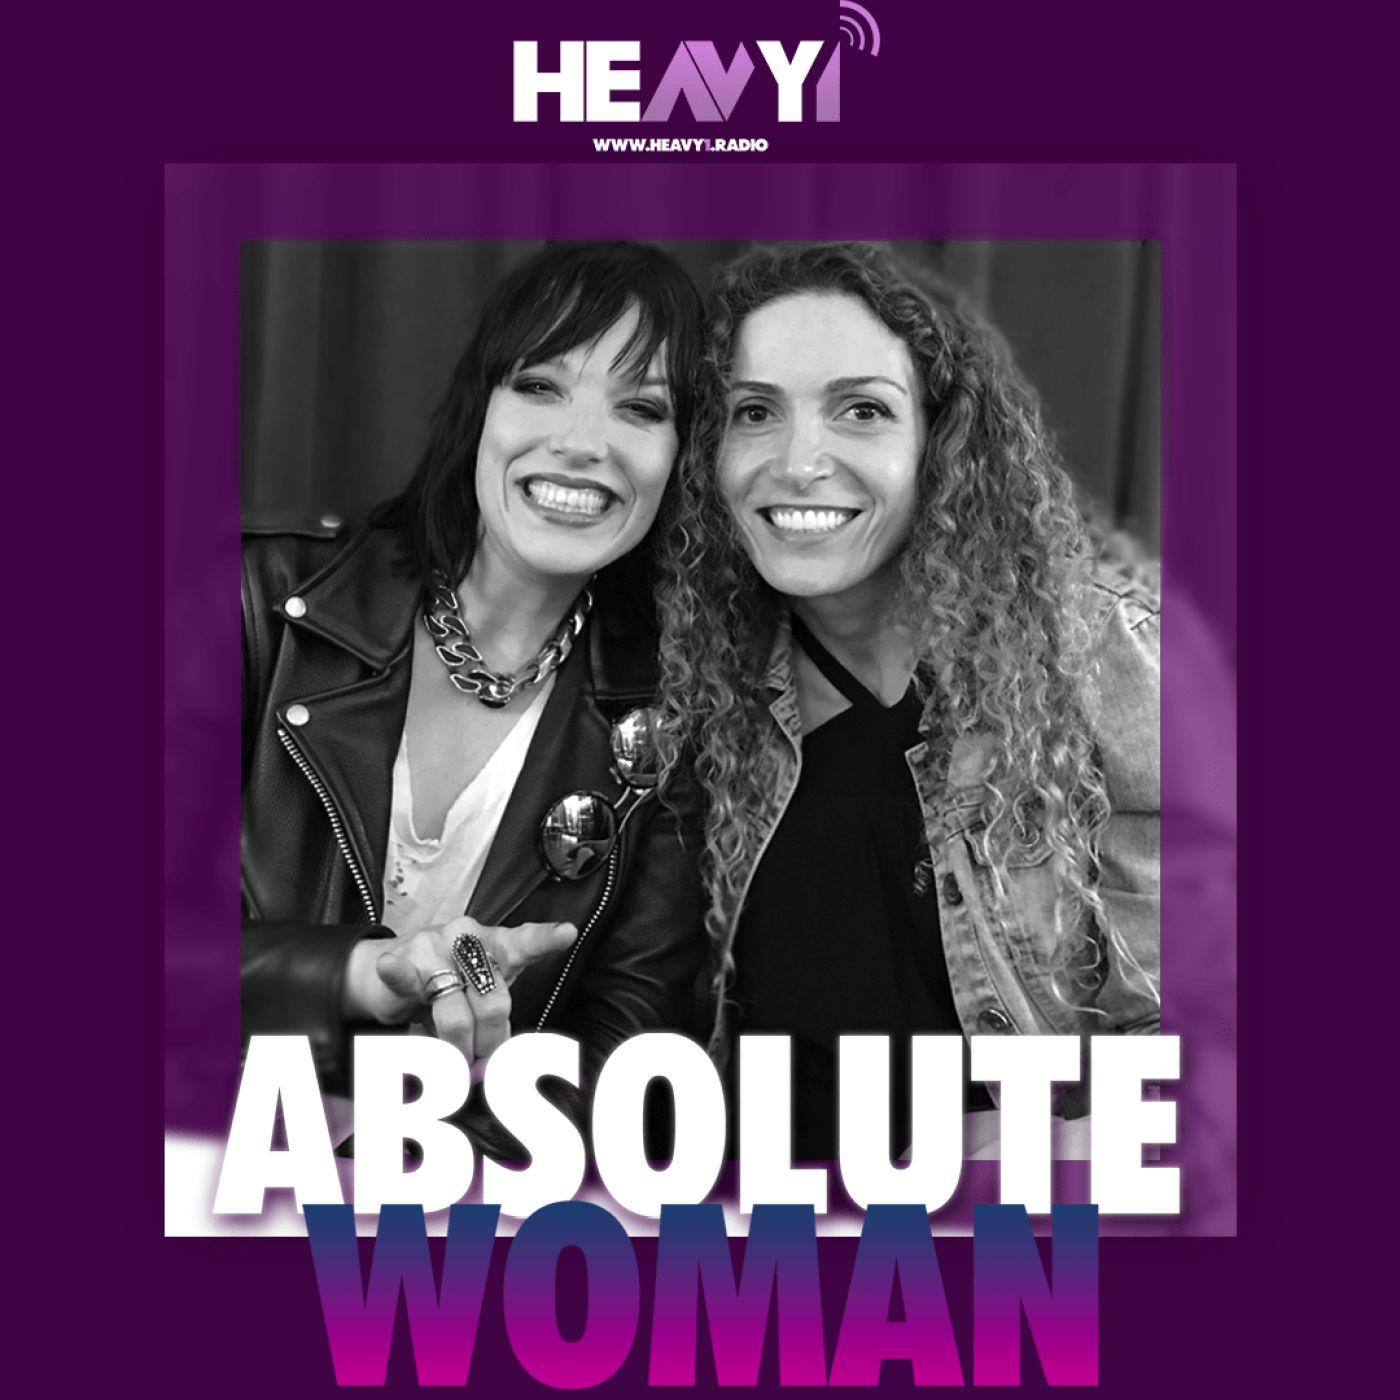 Absolute Woman : Lzzy Hale • Halestorm (Ep.1 Saison 2)